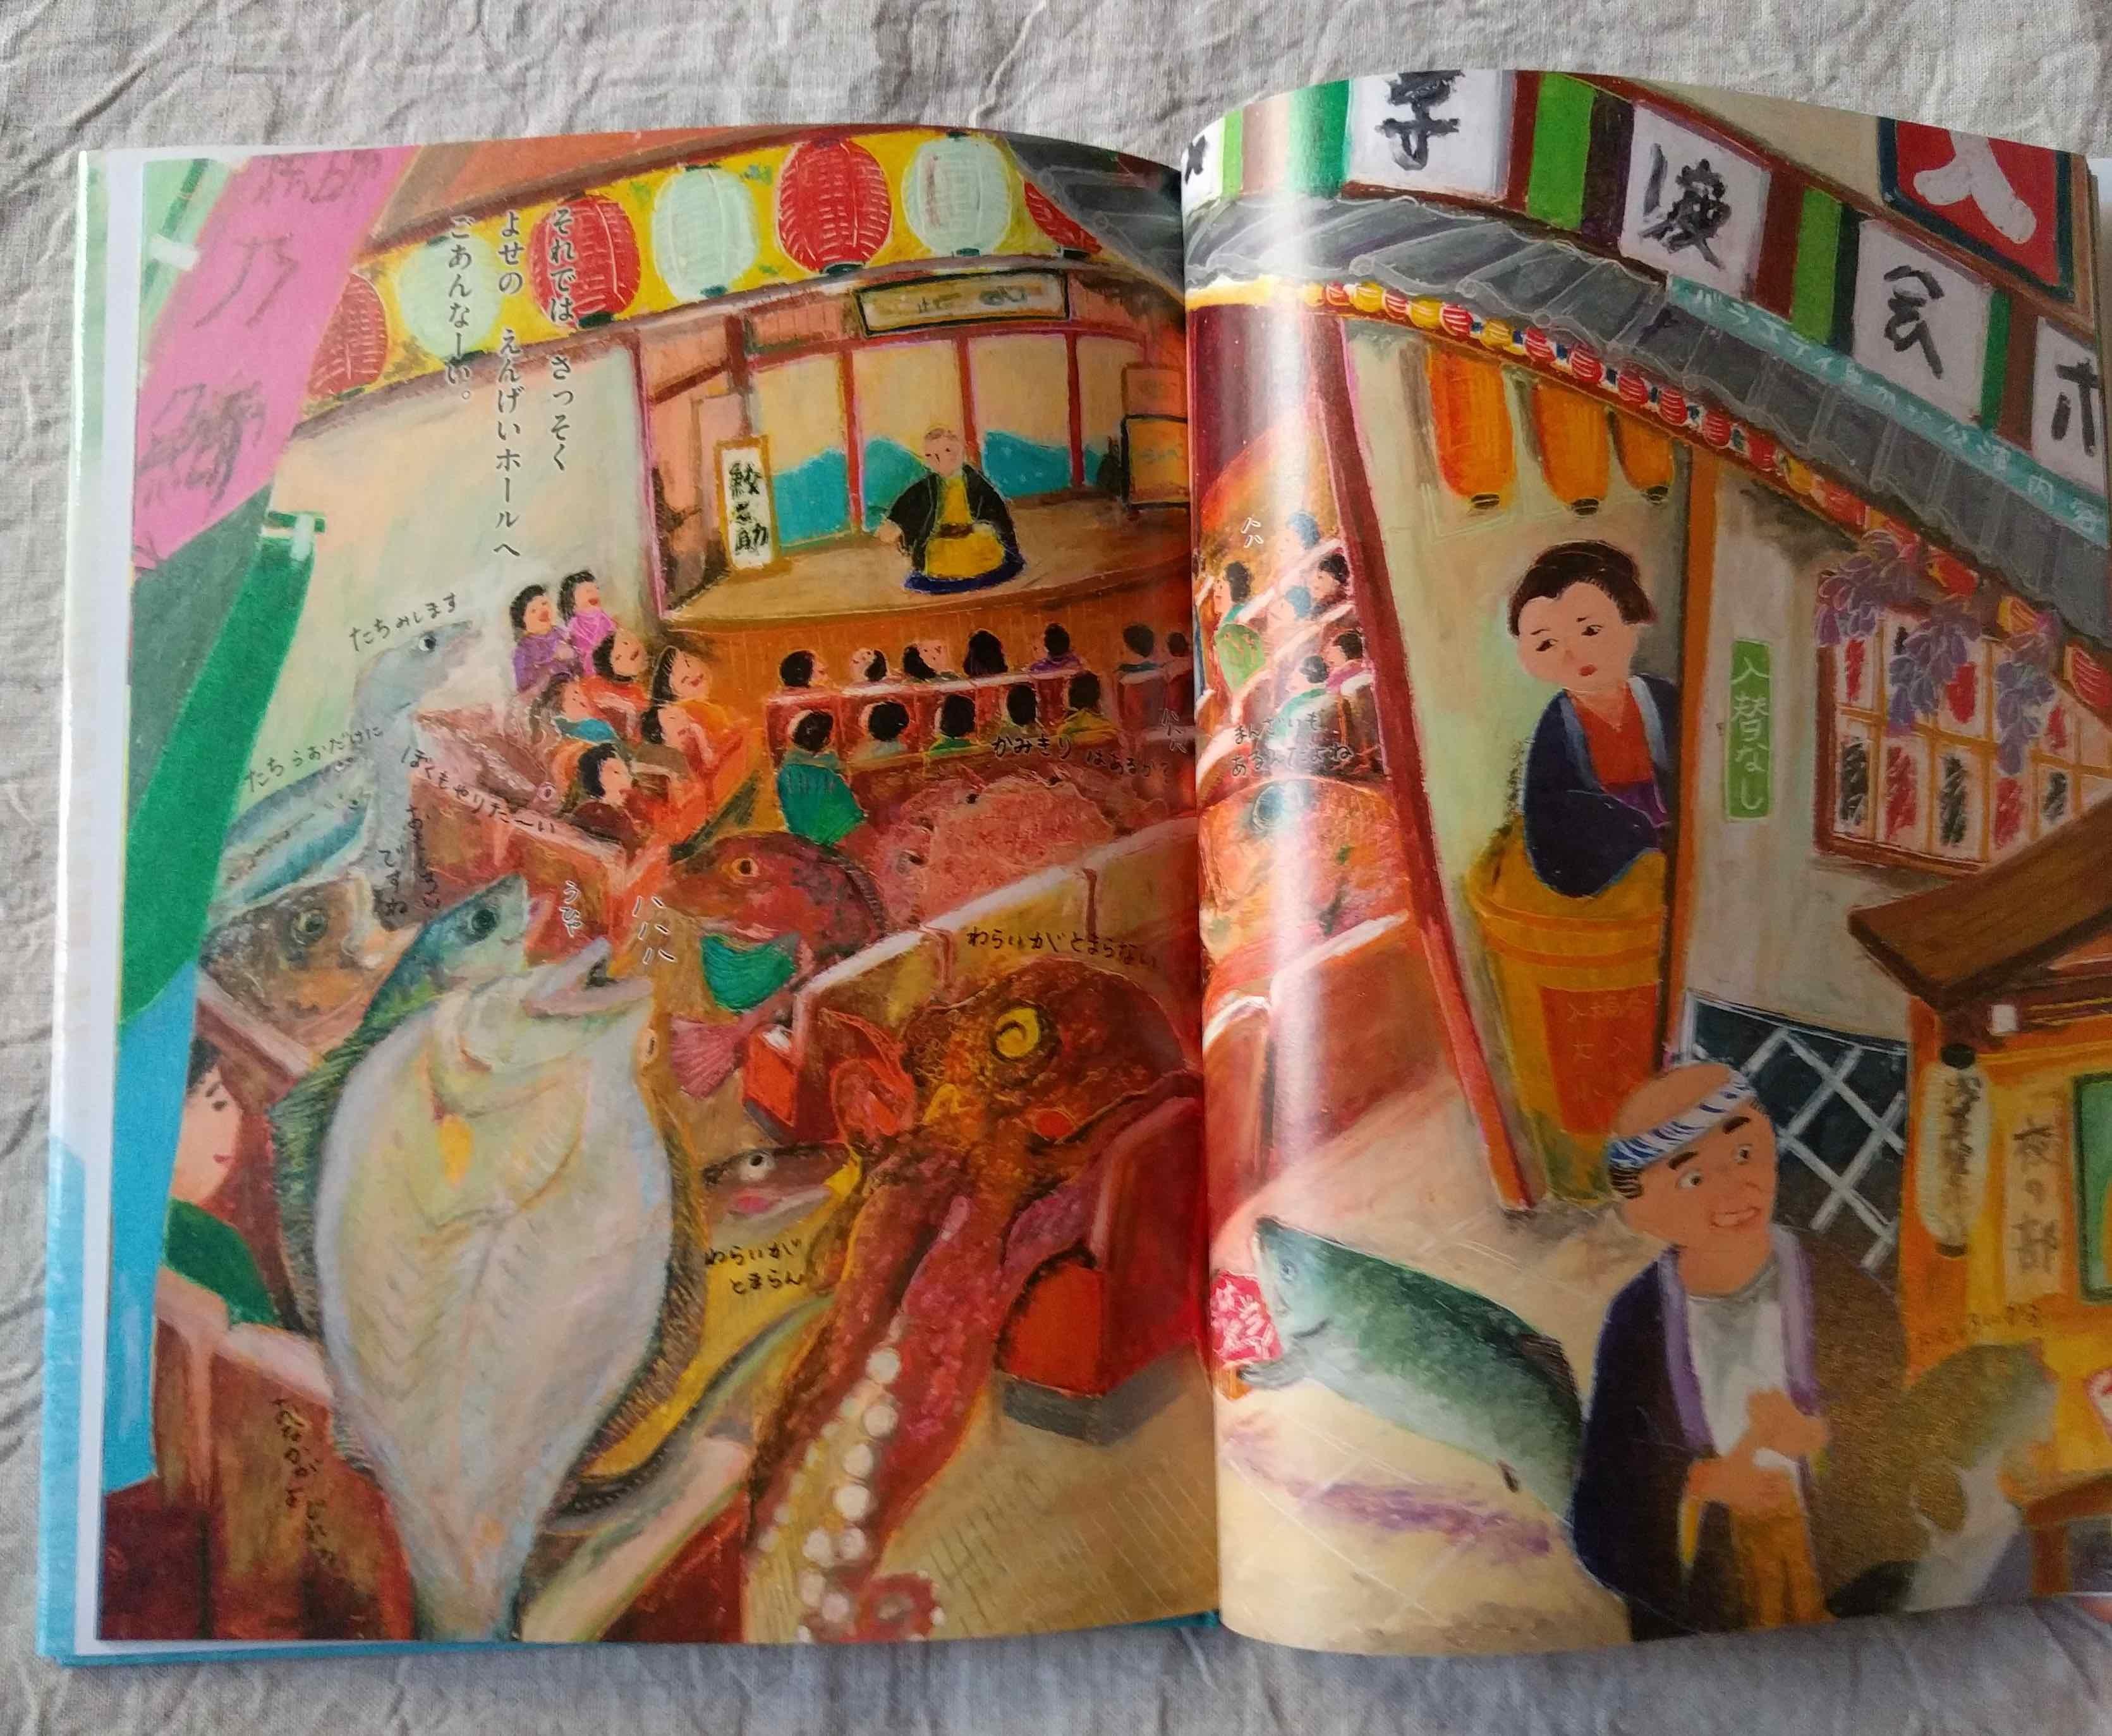 加藤休ミさんの絵本『おさかなかんこう あさくさかな』_a0265743_23450630.jpg